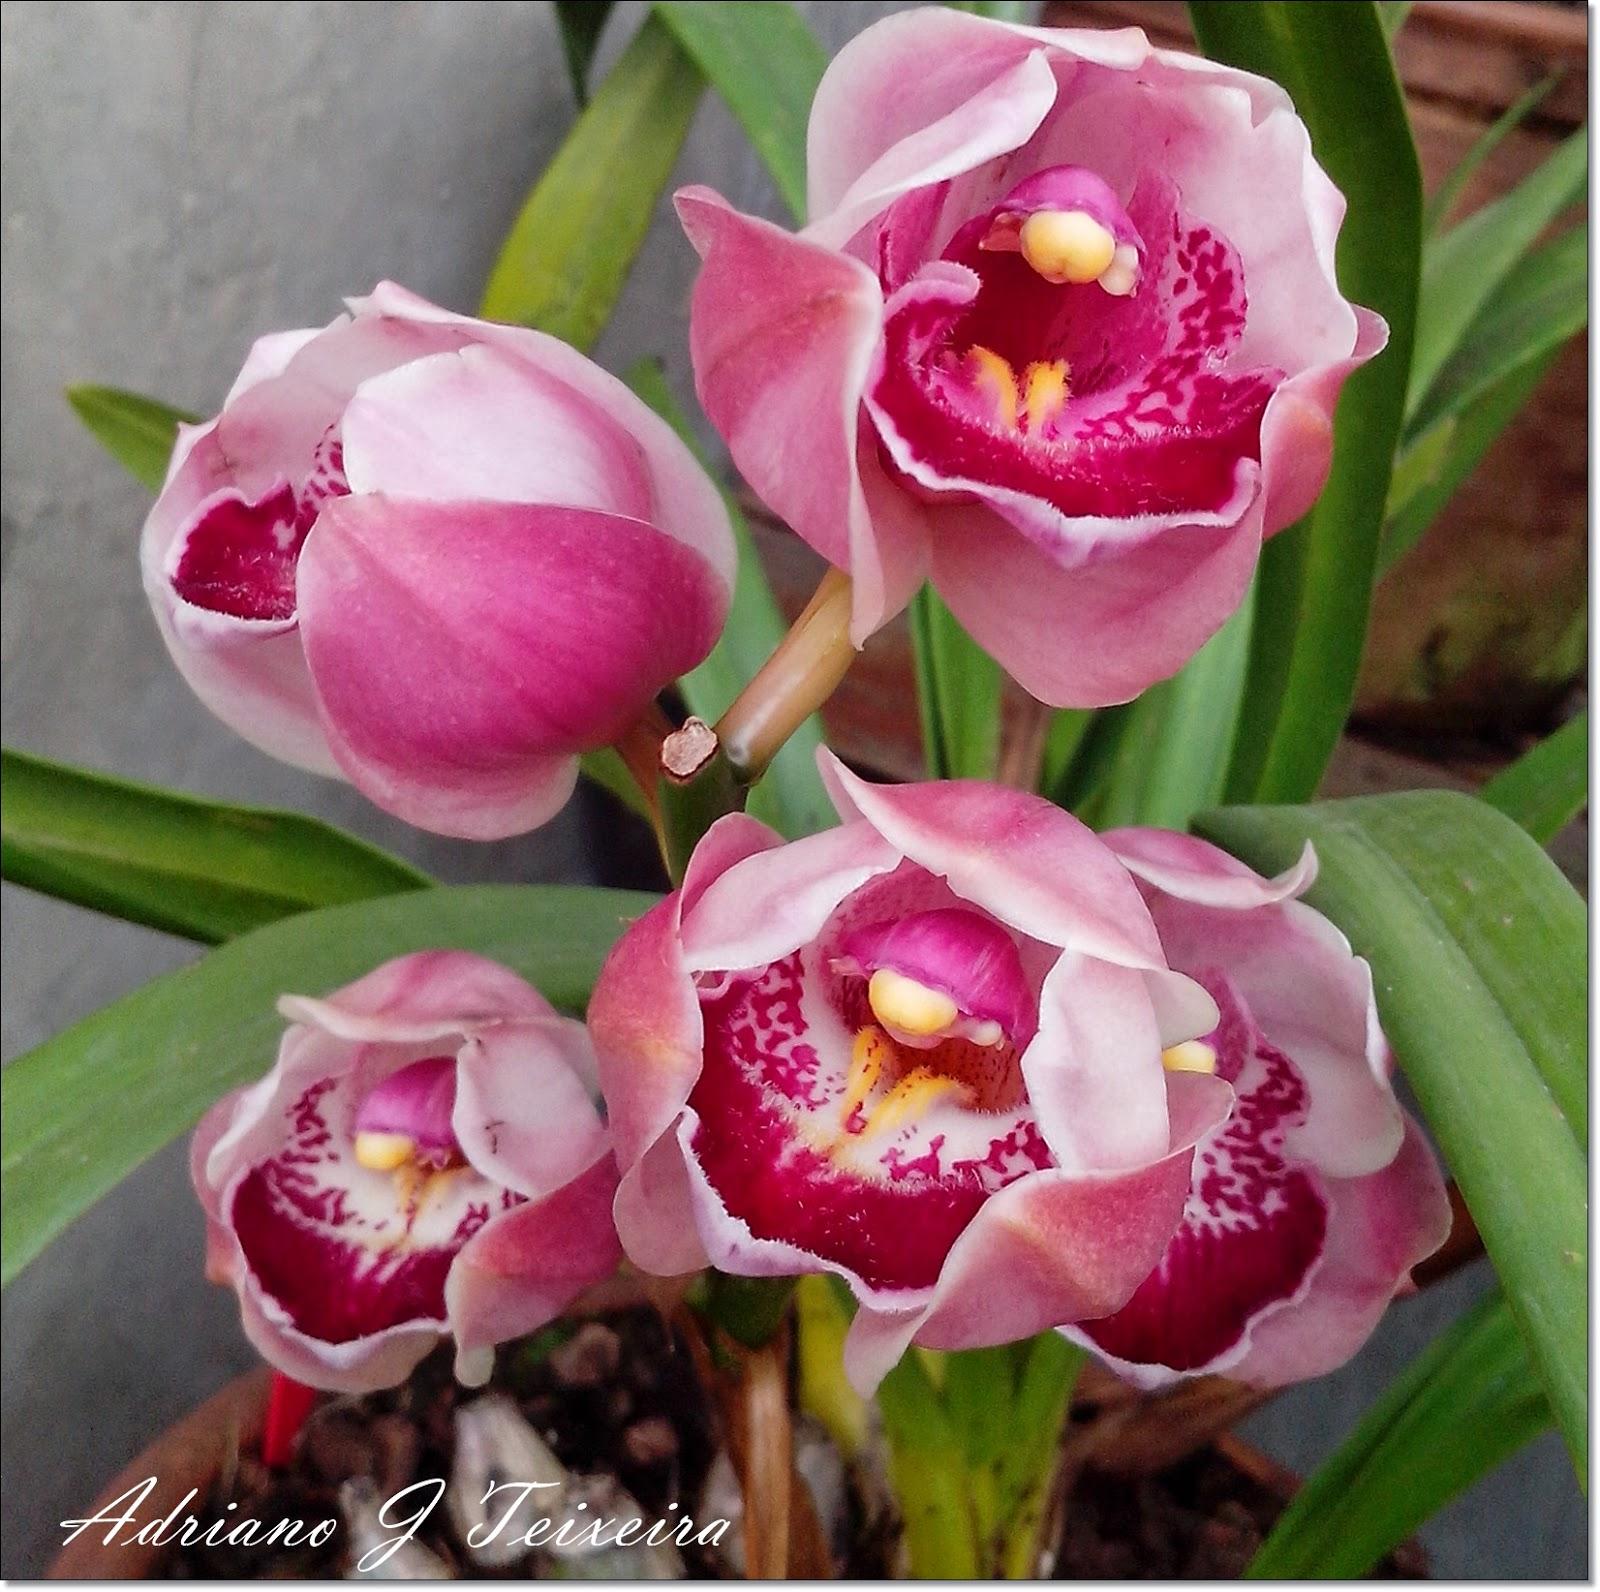 Orquídeas Aprenda a Cultivar estas Lindas Flores - Imagens De Flores Lindas Orquideas